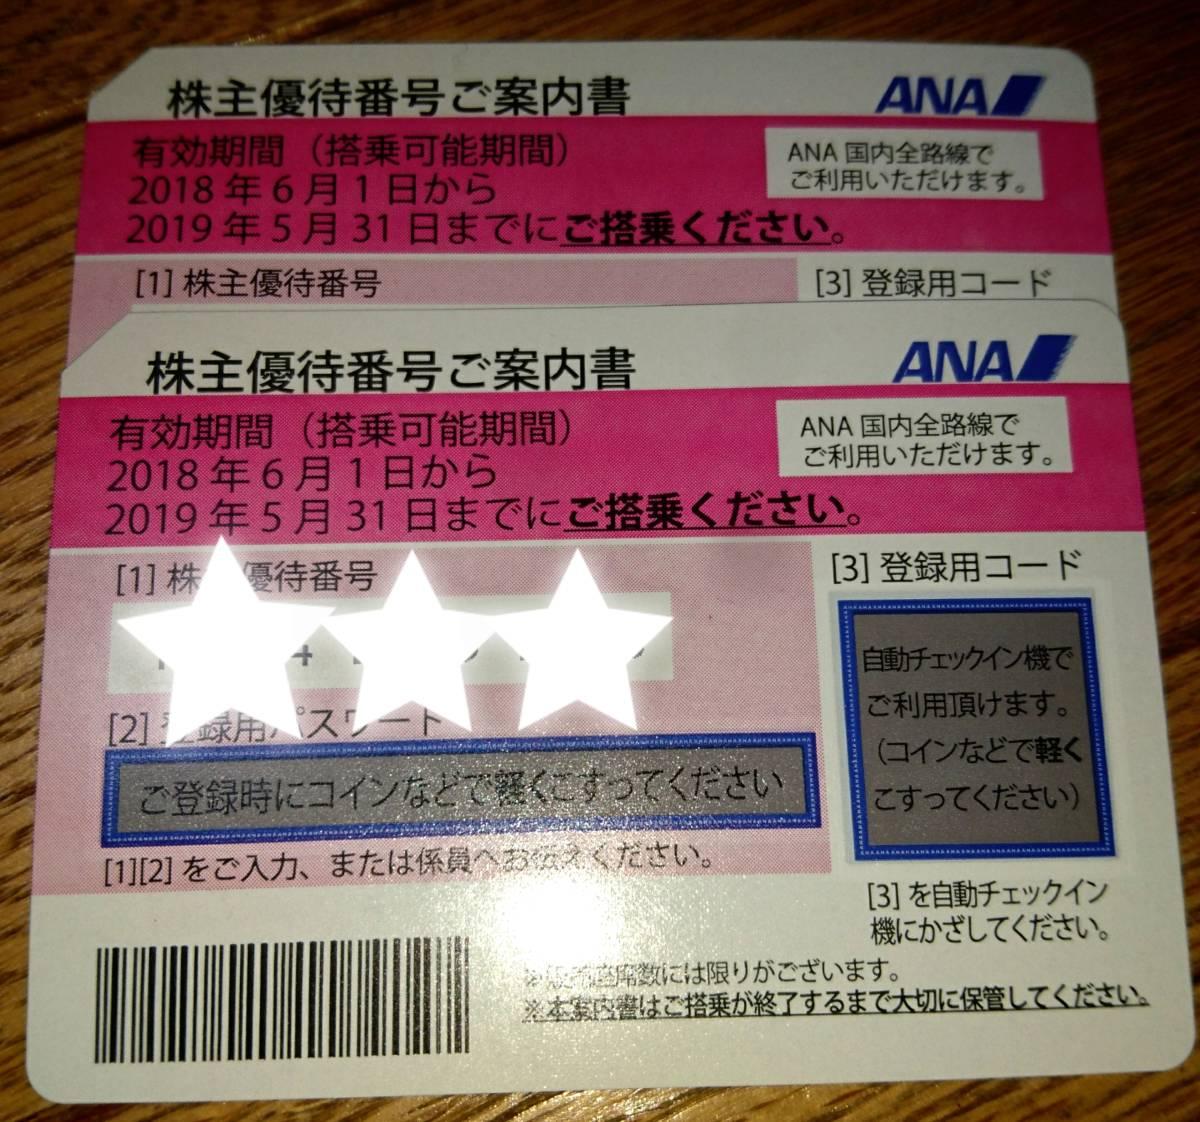 ★全日空 ANA 株主優待券2枚 ANA 送料込 来年5/31迄